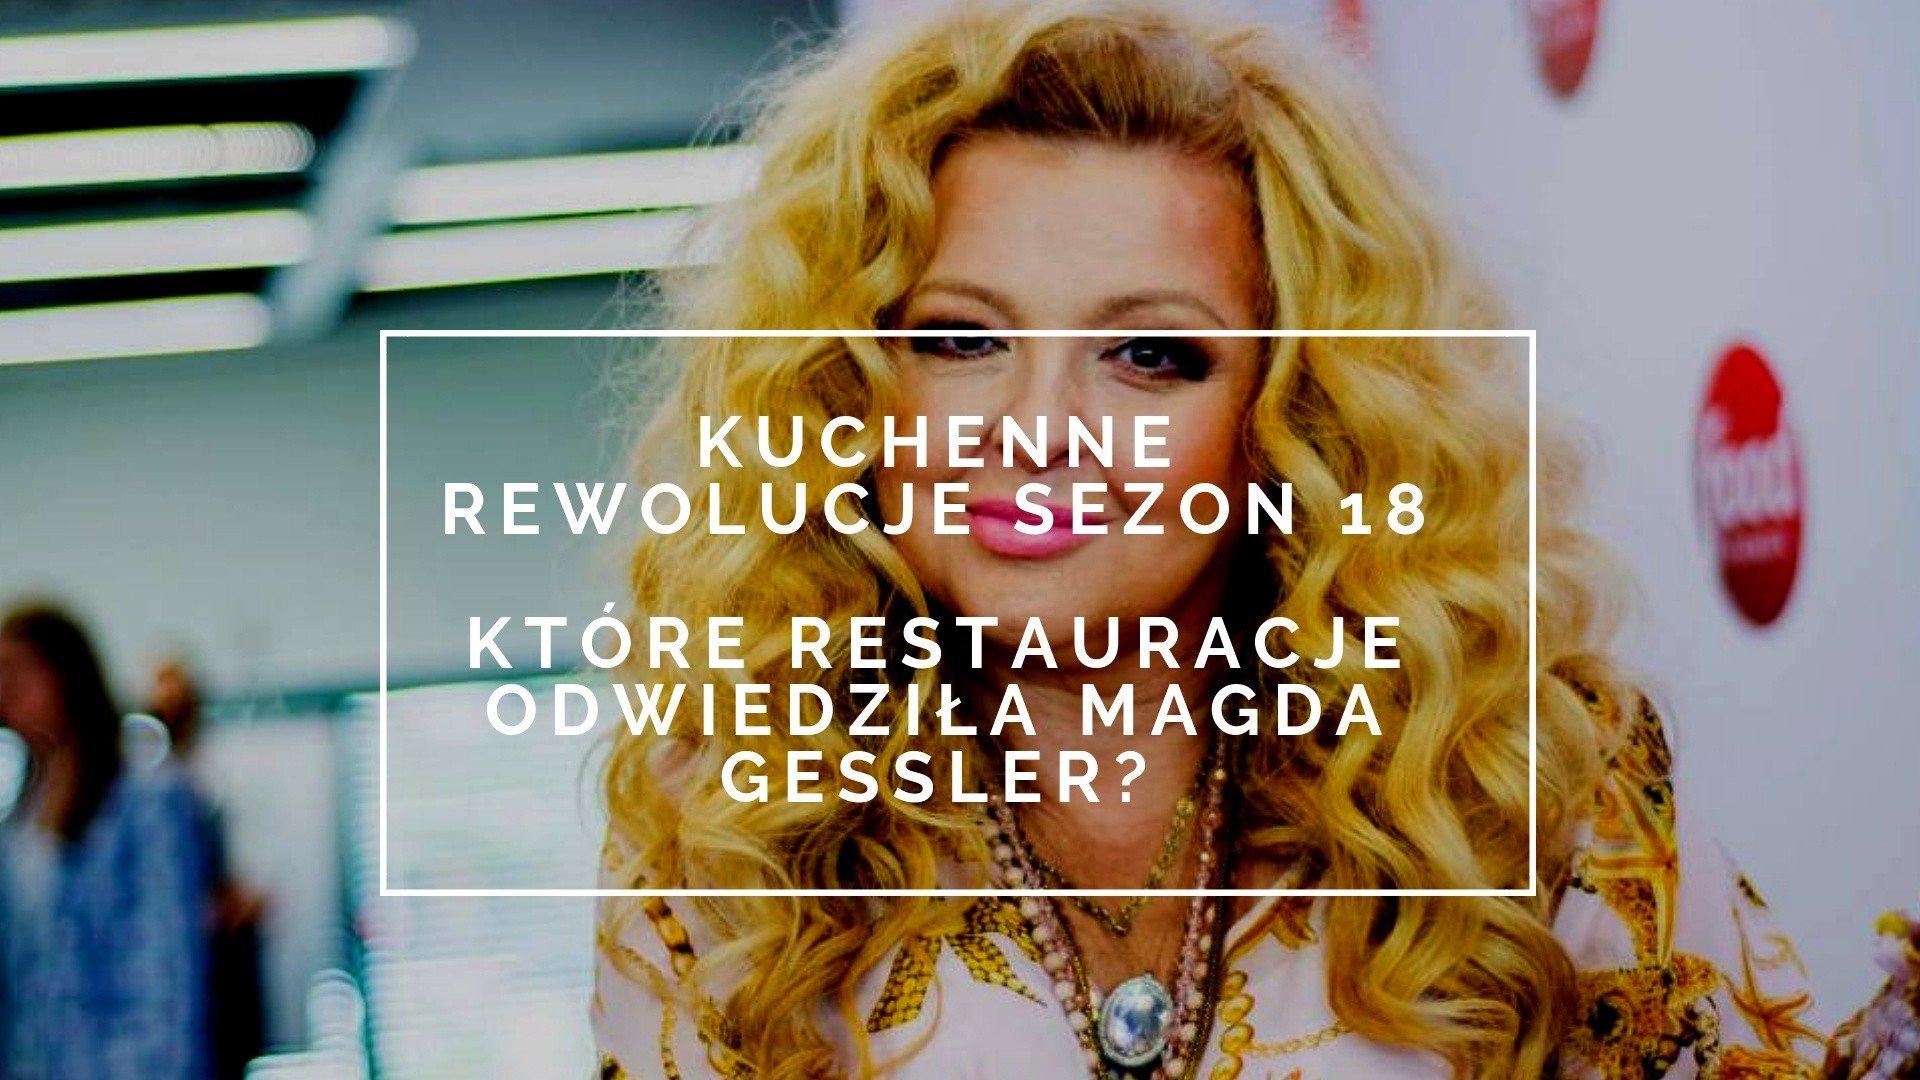 Kuchenne Rewolucje Sezon 18 Ktore Restauracje Odwiedzi Magda